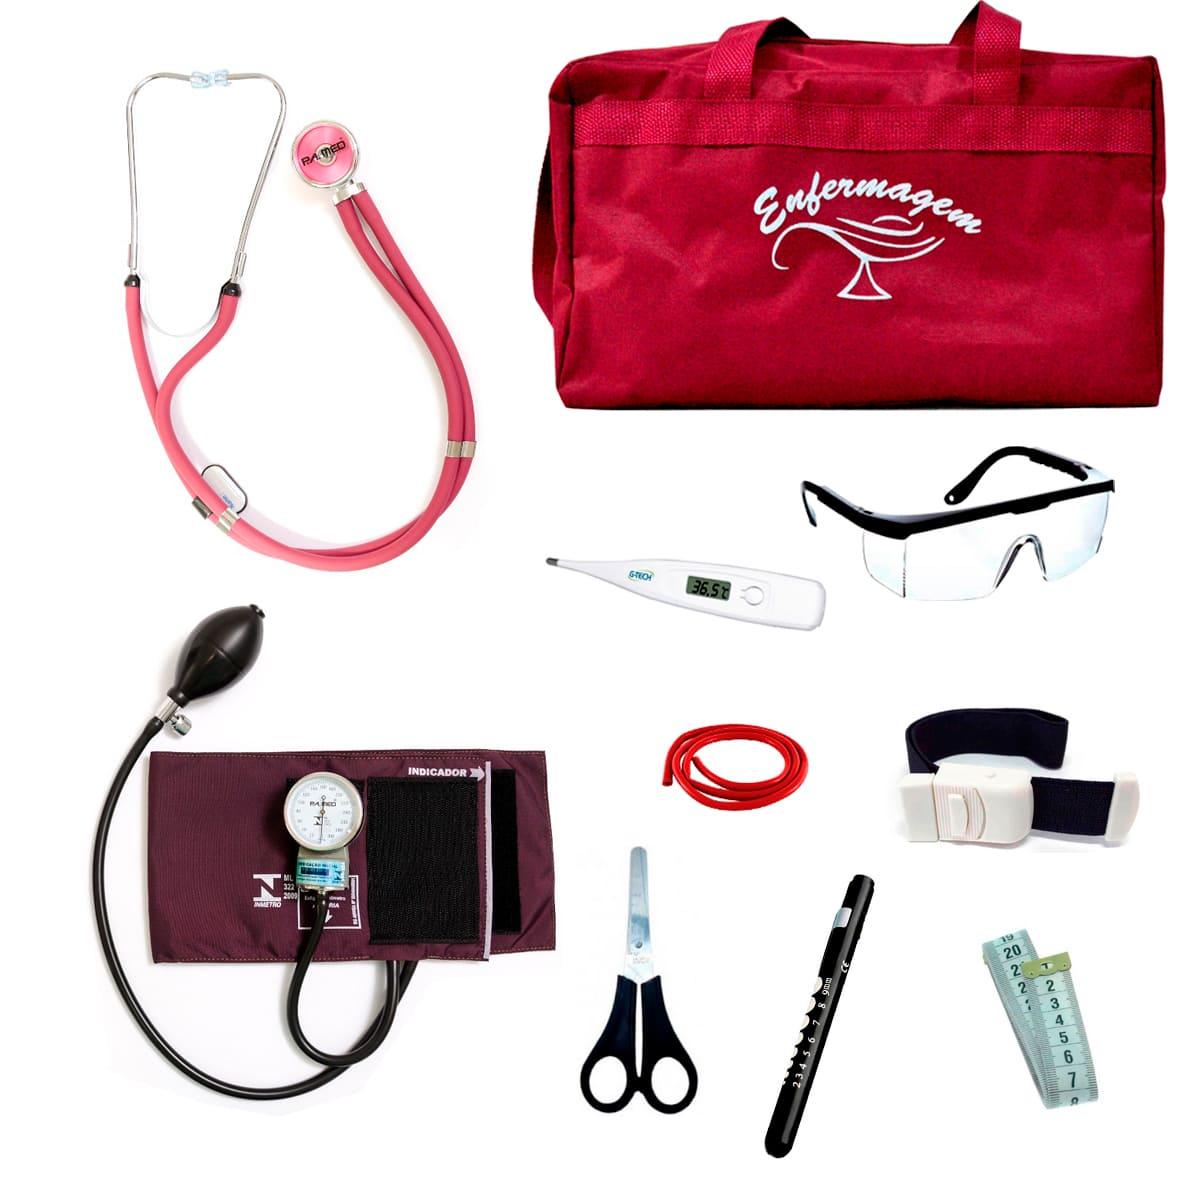 Kit Enfermagem mod.18 Aparelho de Pressão P.A.MED Cor:Vinho Bolsa:Tipo 2